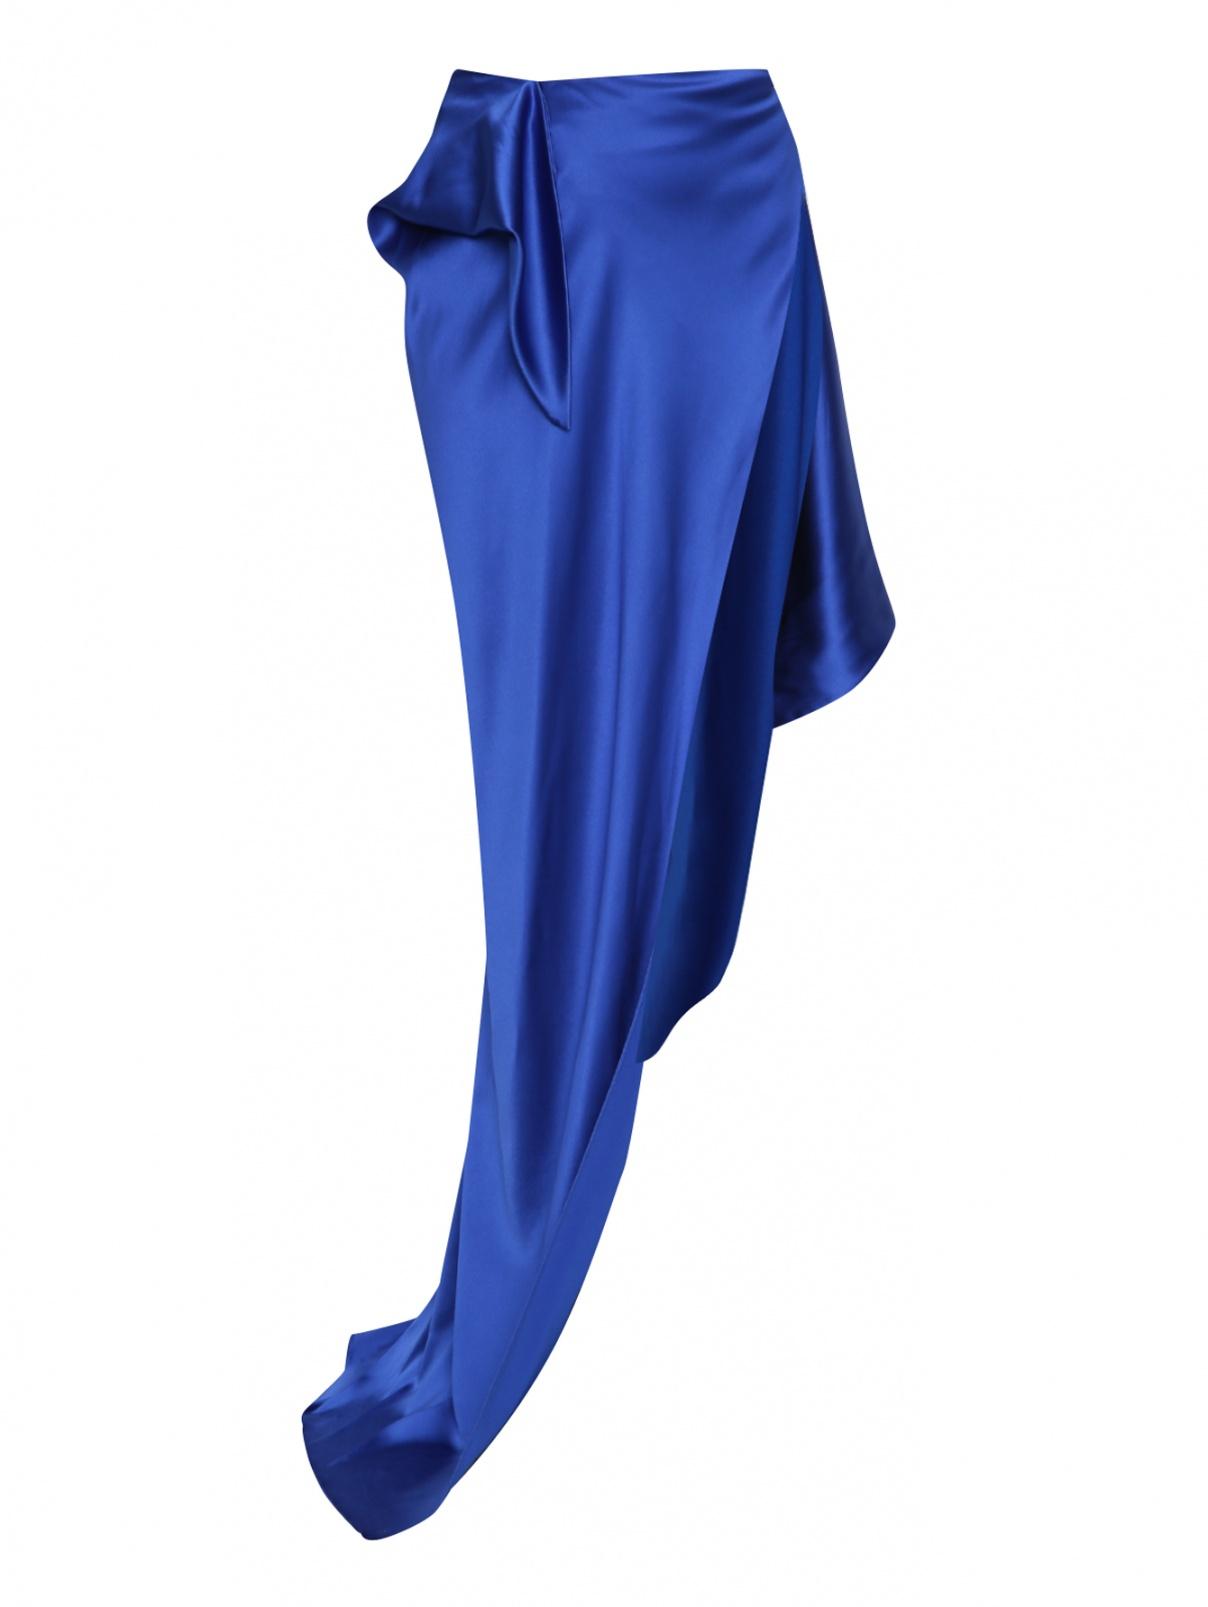 Ассиметричная юбка Balenciaga  –  Общий вид  – Цвет:  Синий